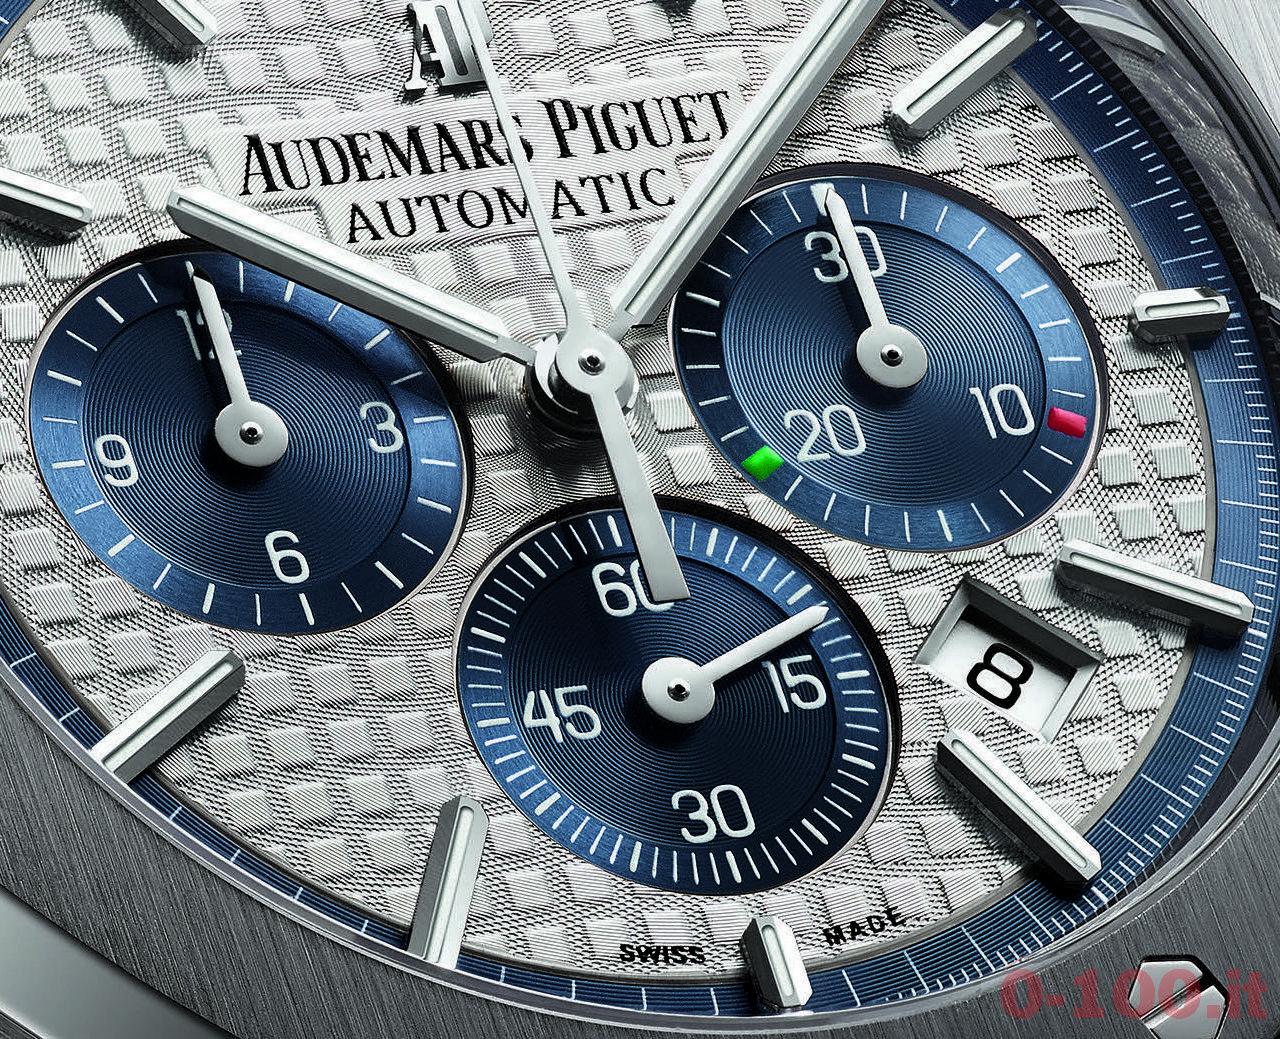 audemars-piguet-royal-oak-cronografo-limited-edition_0-1002